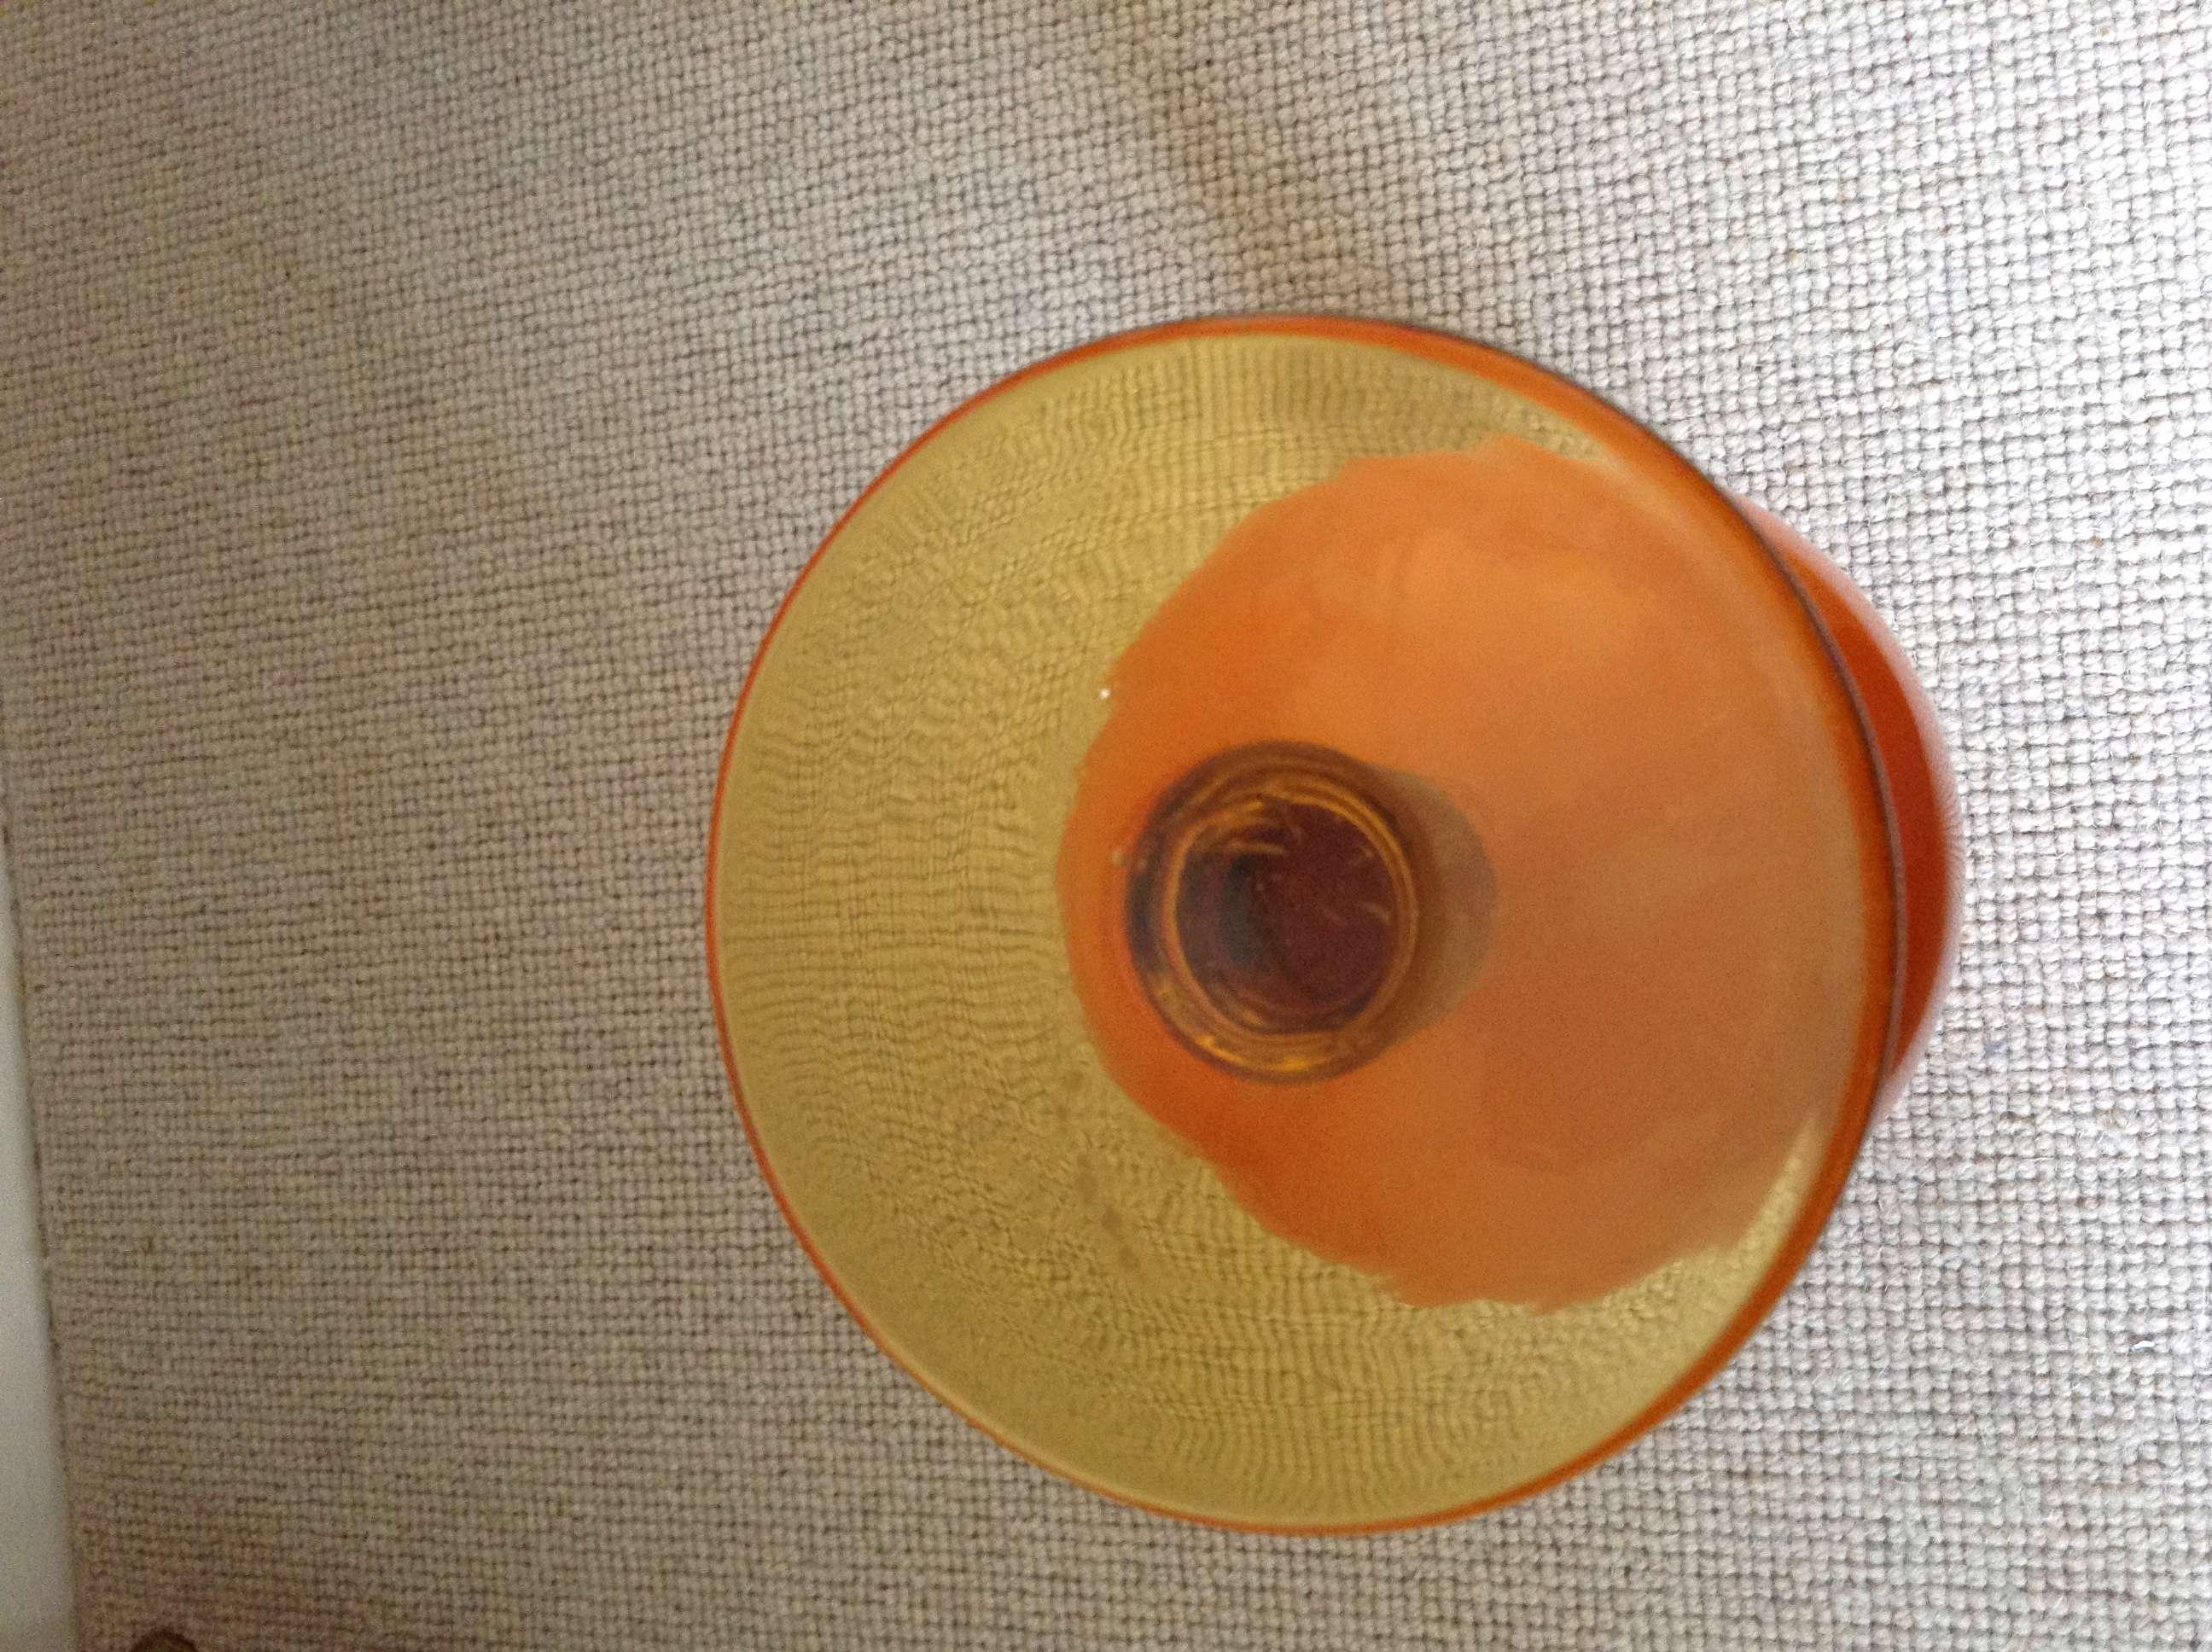 Orange glass vase Image78